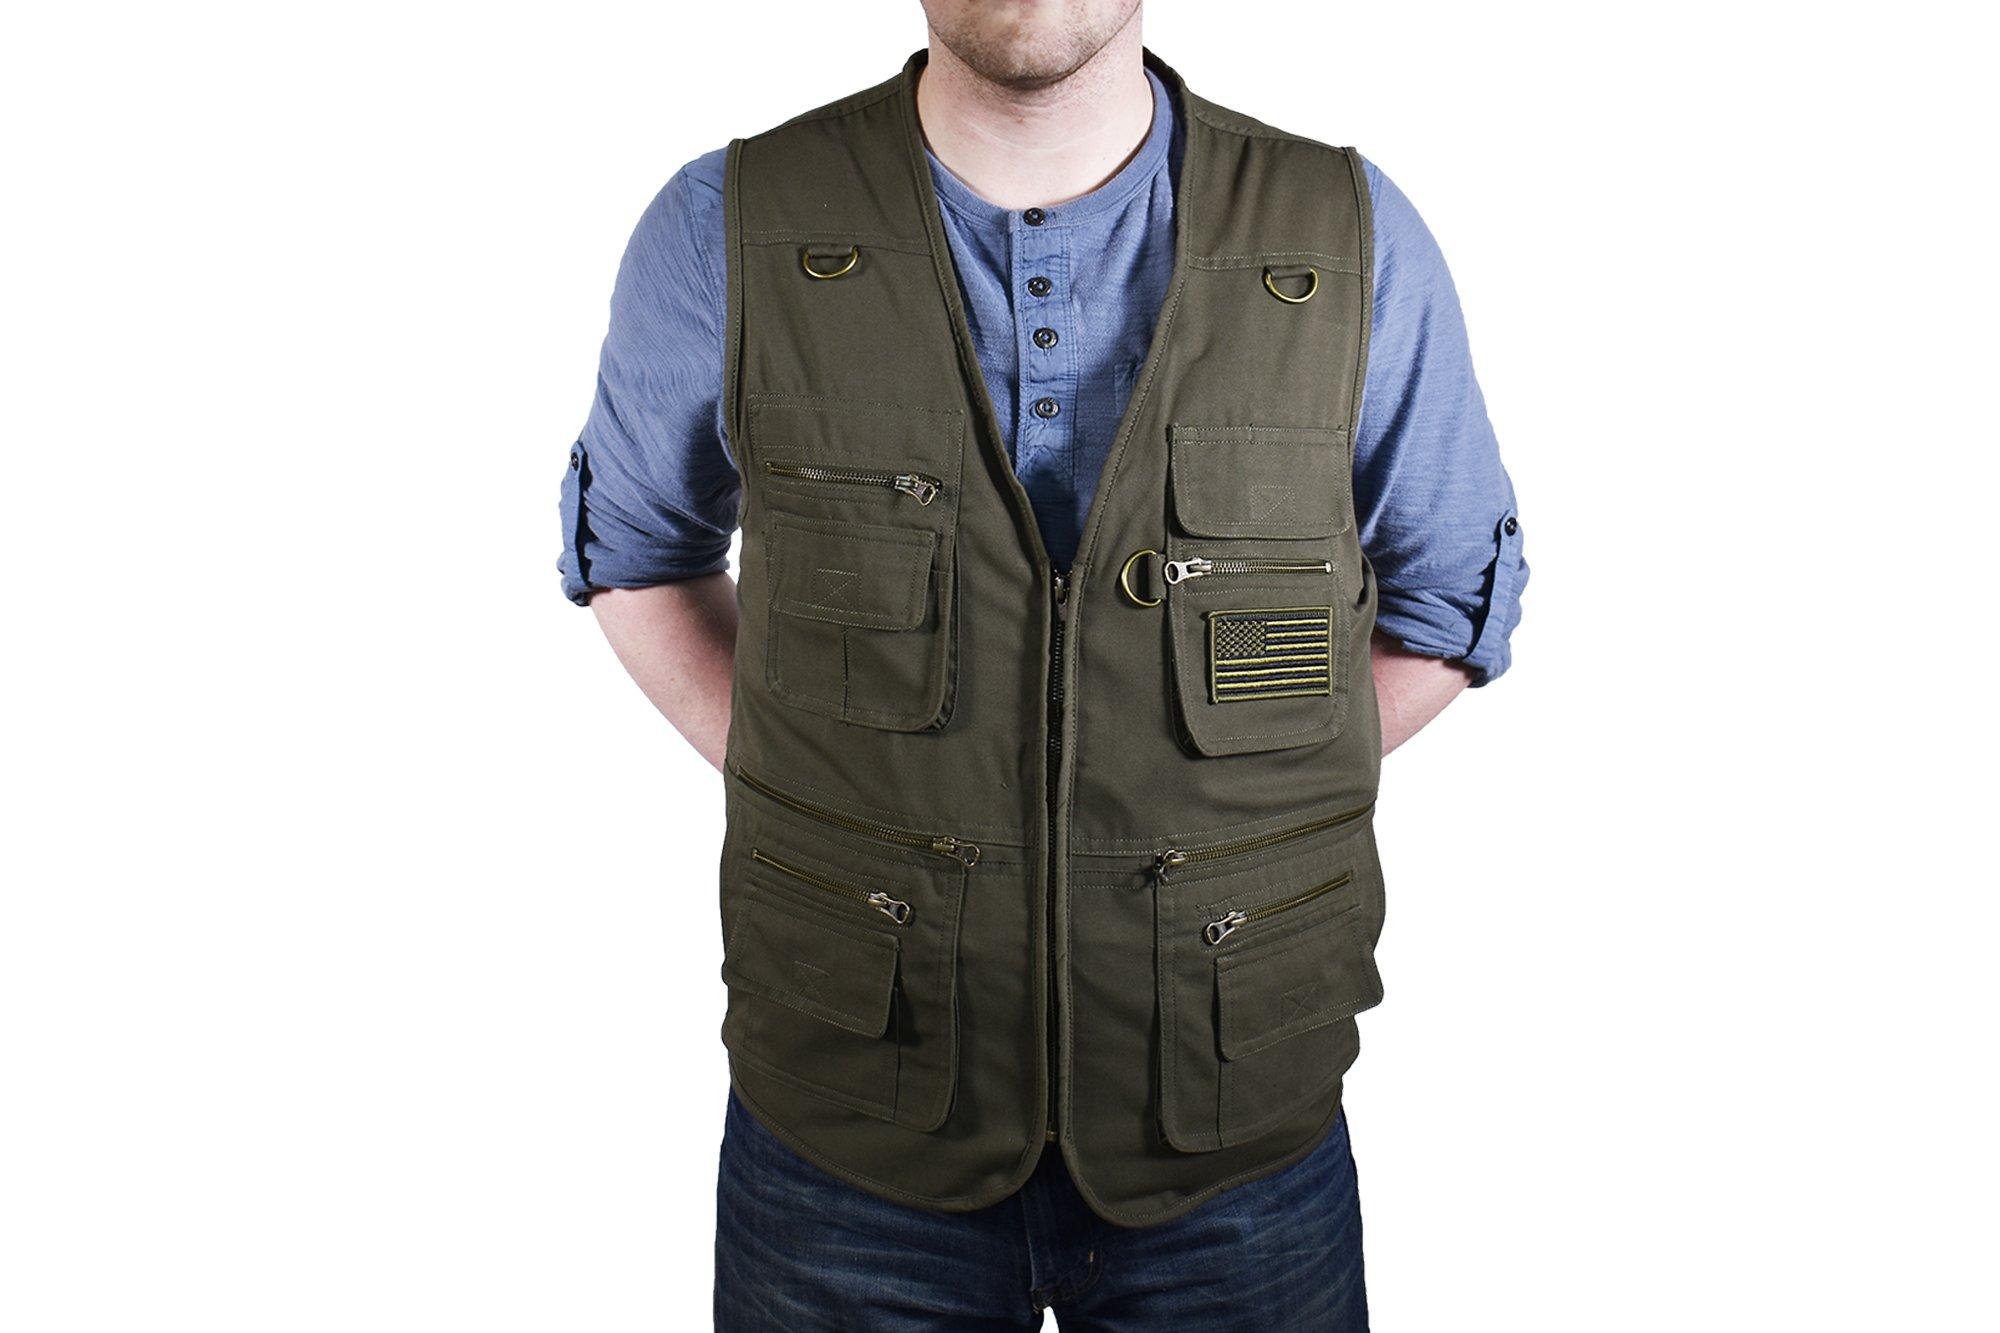 BLUESTONE Concealment Vest, XX-Large, Olive